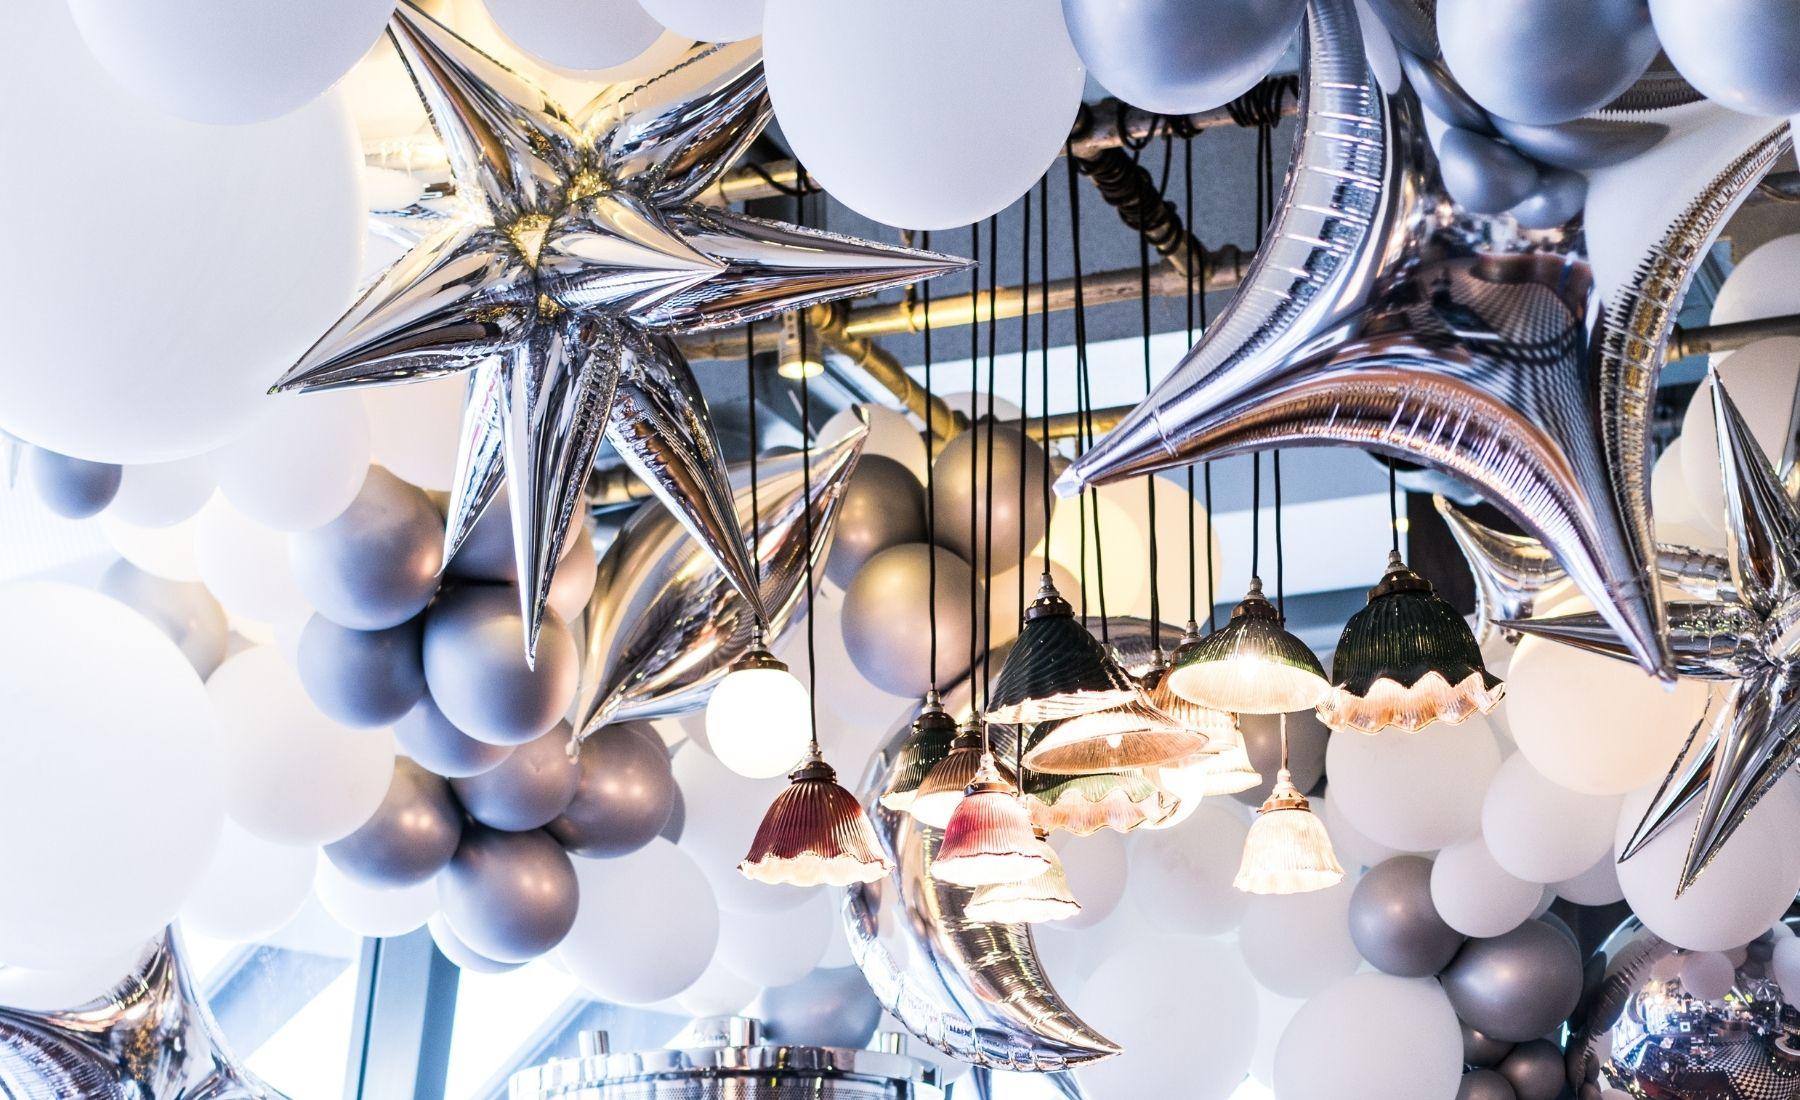 metallic orbs, star and moon balloons installation